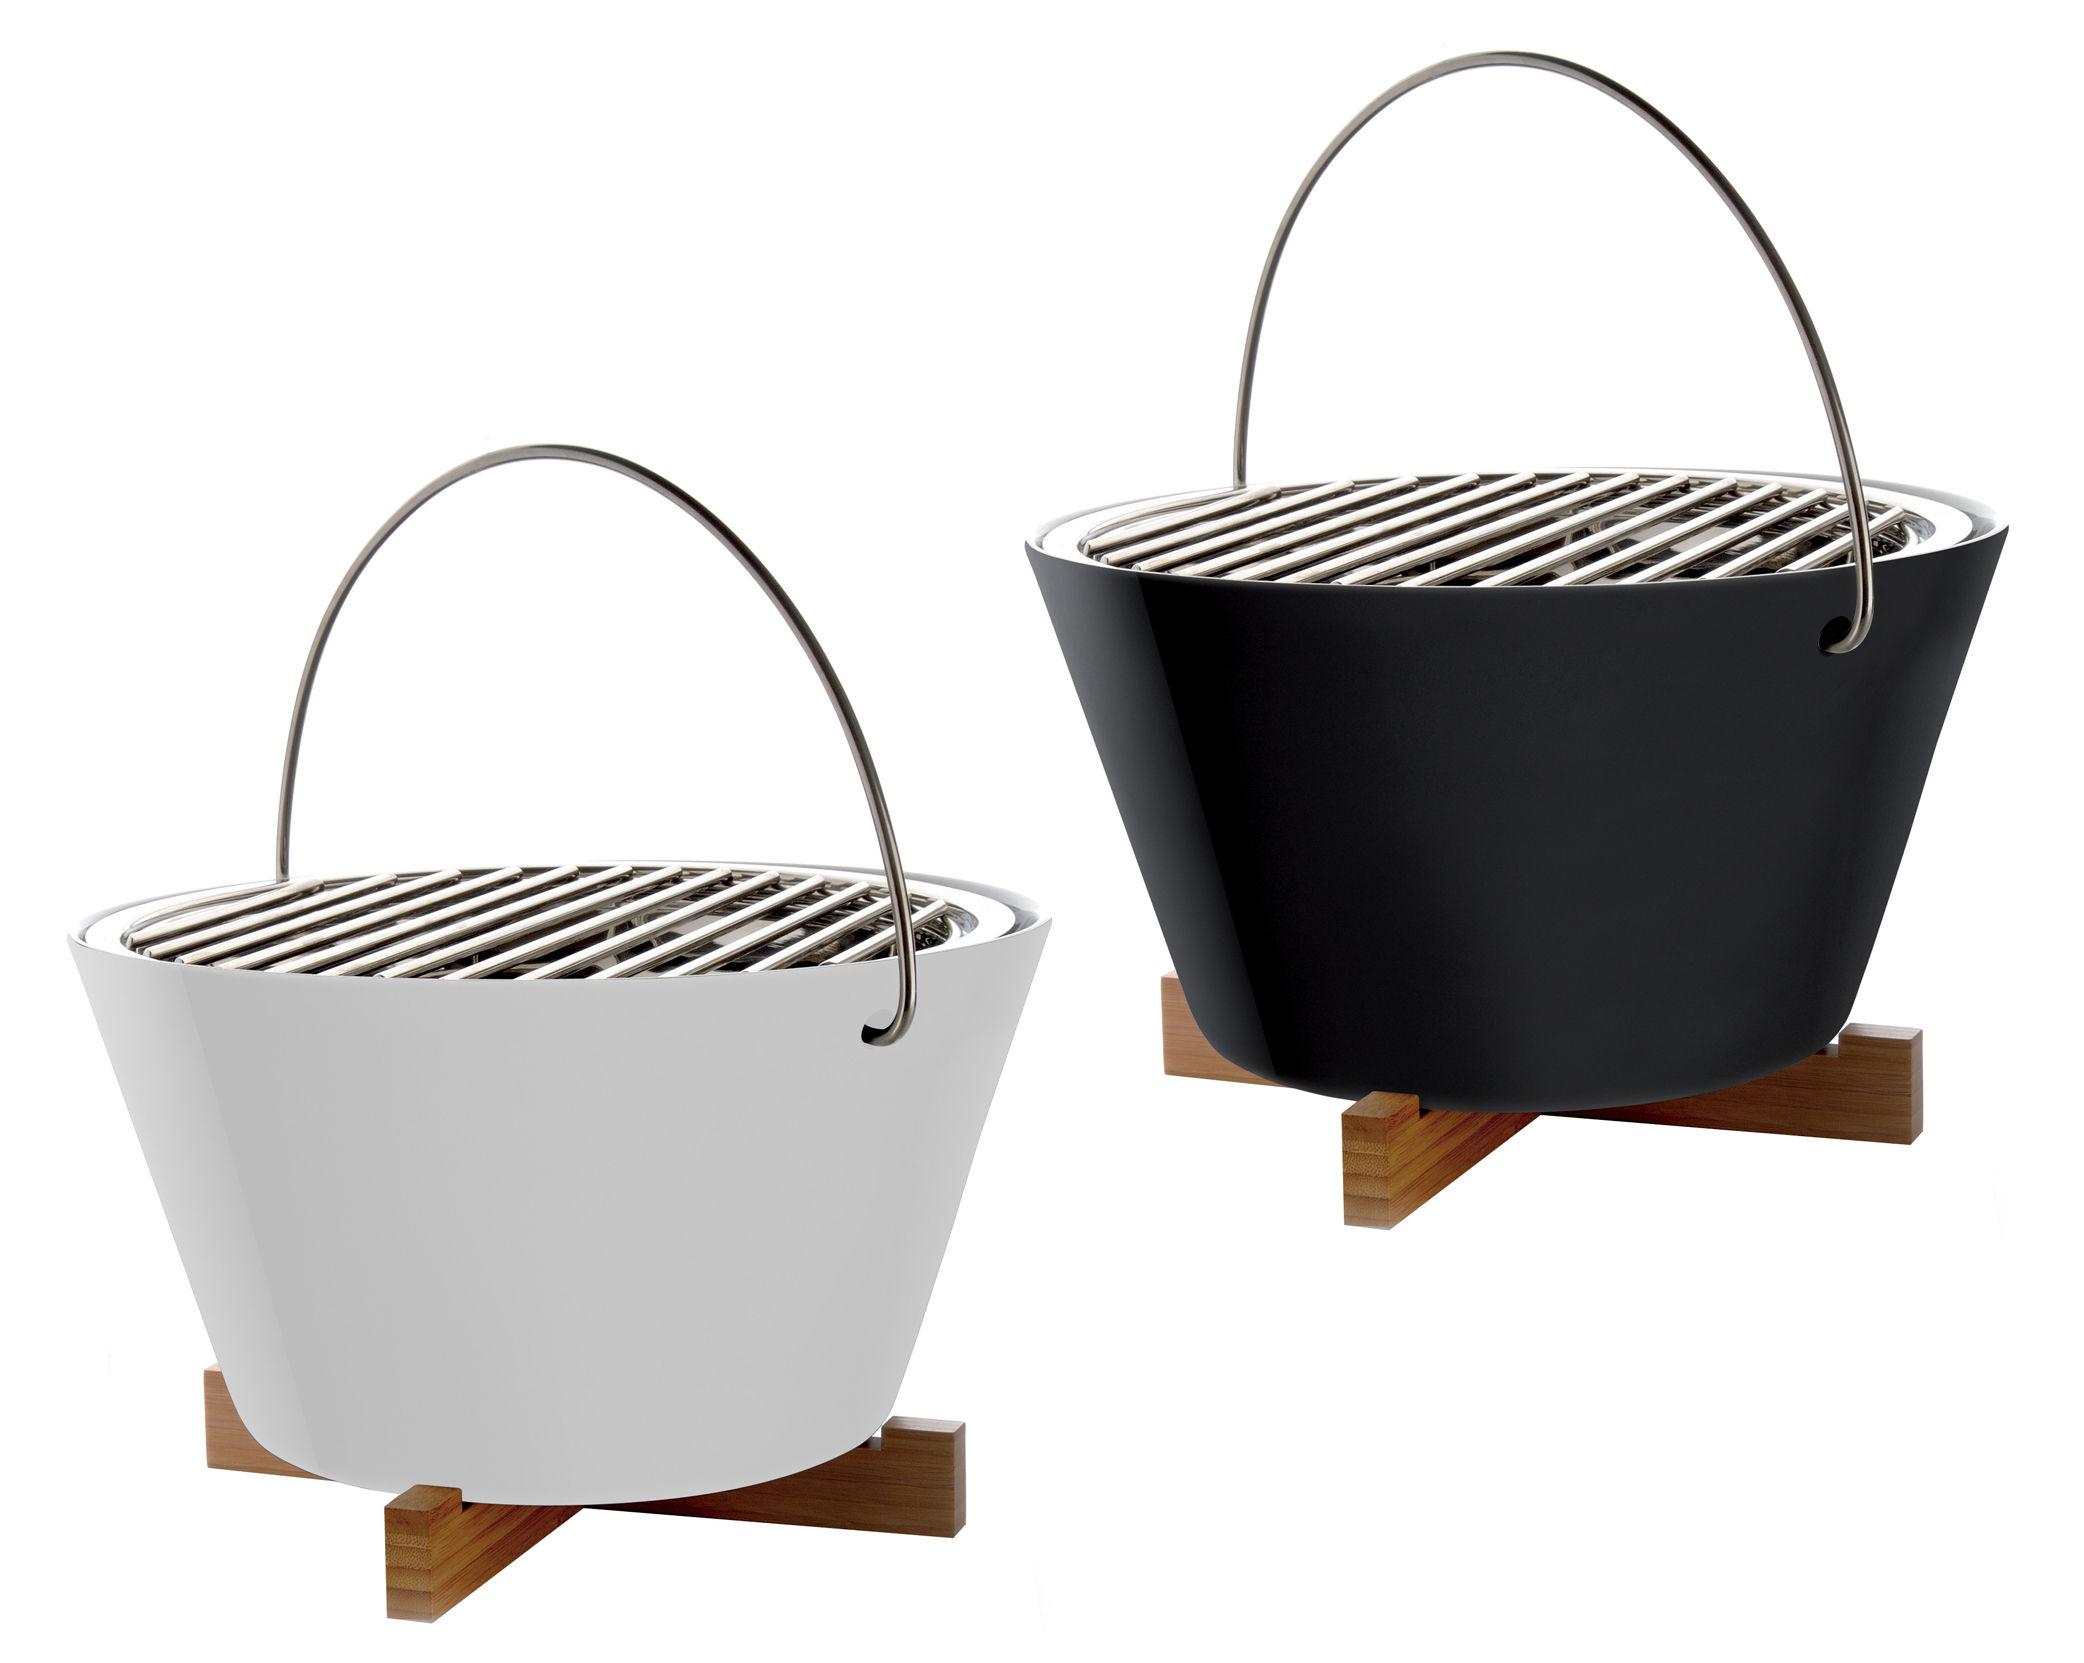 Scopri barbecue barbecue da tavolo bianco di eva solo made in design italia - Barbecue a gas da tavolo ...